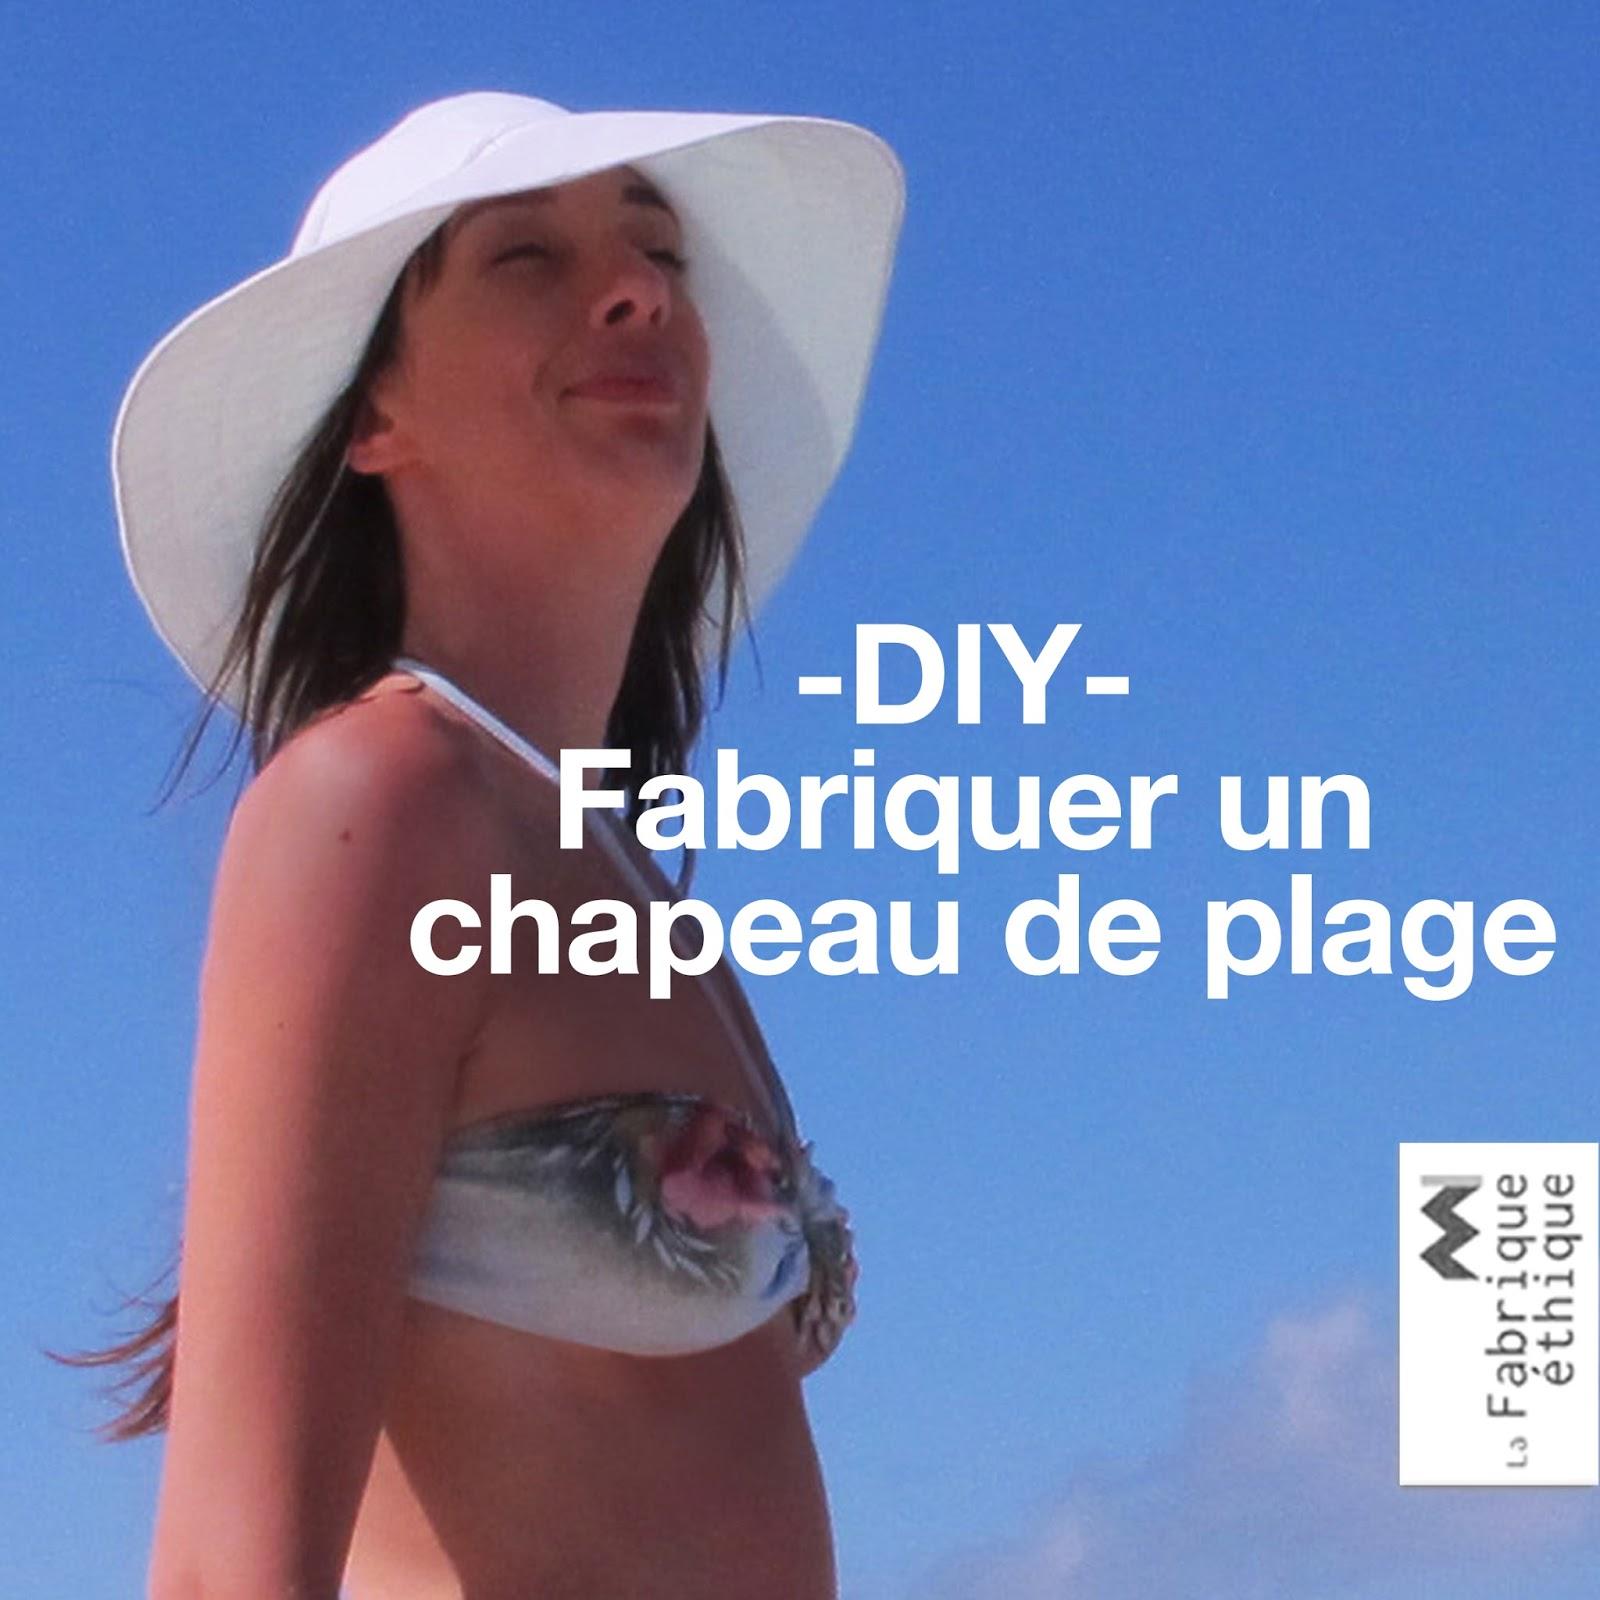 fabriquer un chapeau de plage blogue de couture diy de la fabrique thique. Black Bedroom Furniture Sets. Home Design Ideas